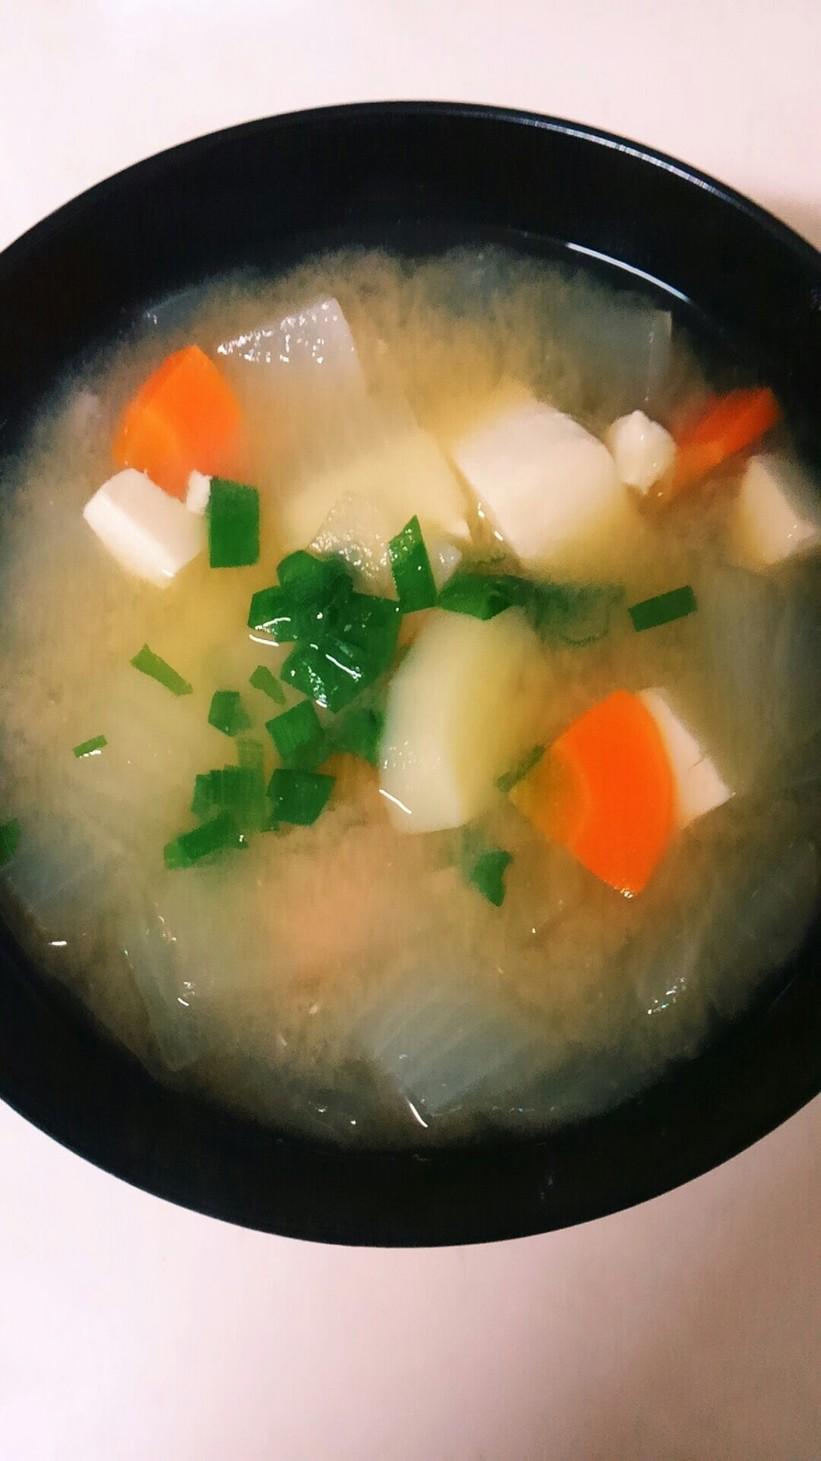 豆腐と根菜たっぷりのお味噌汁☆